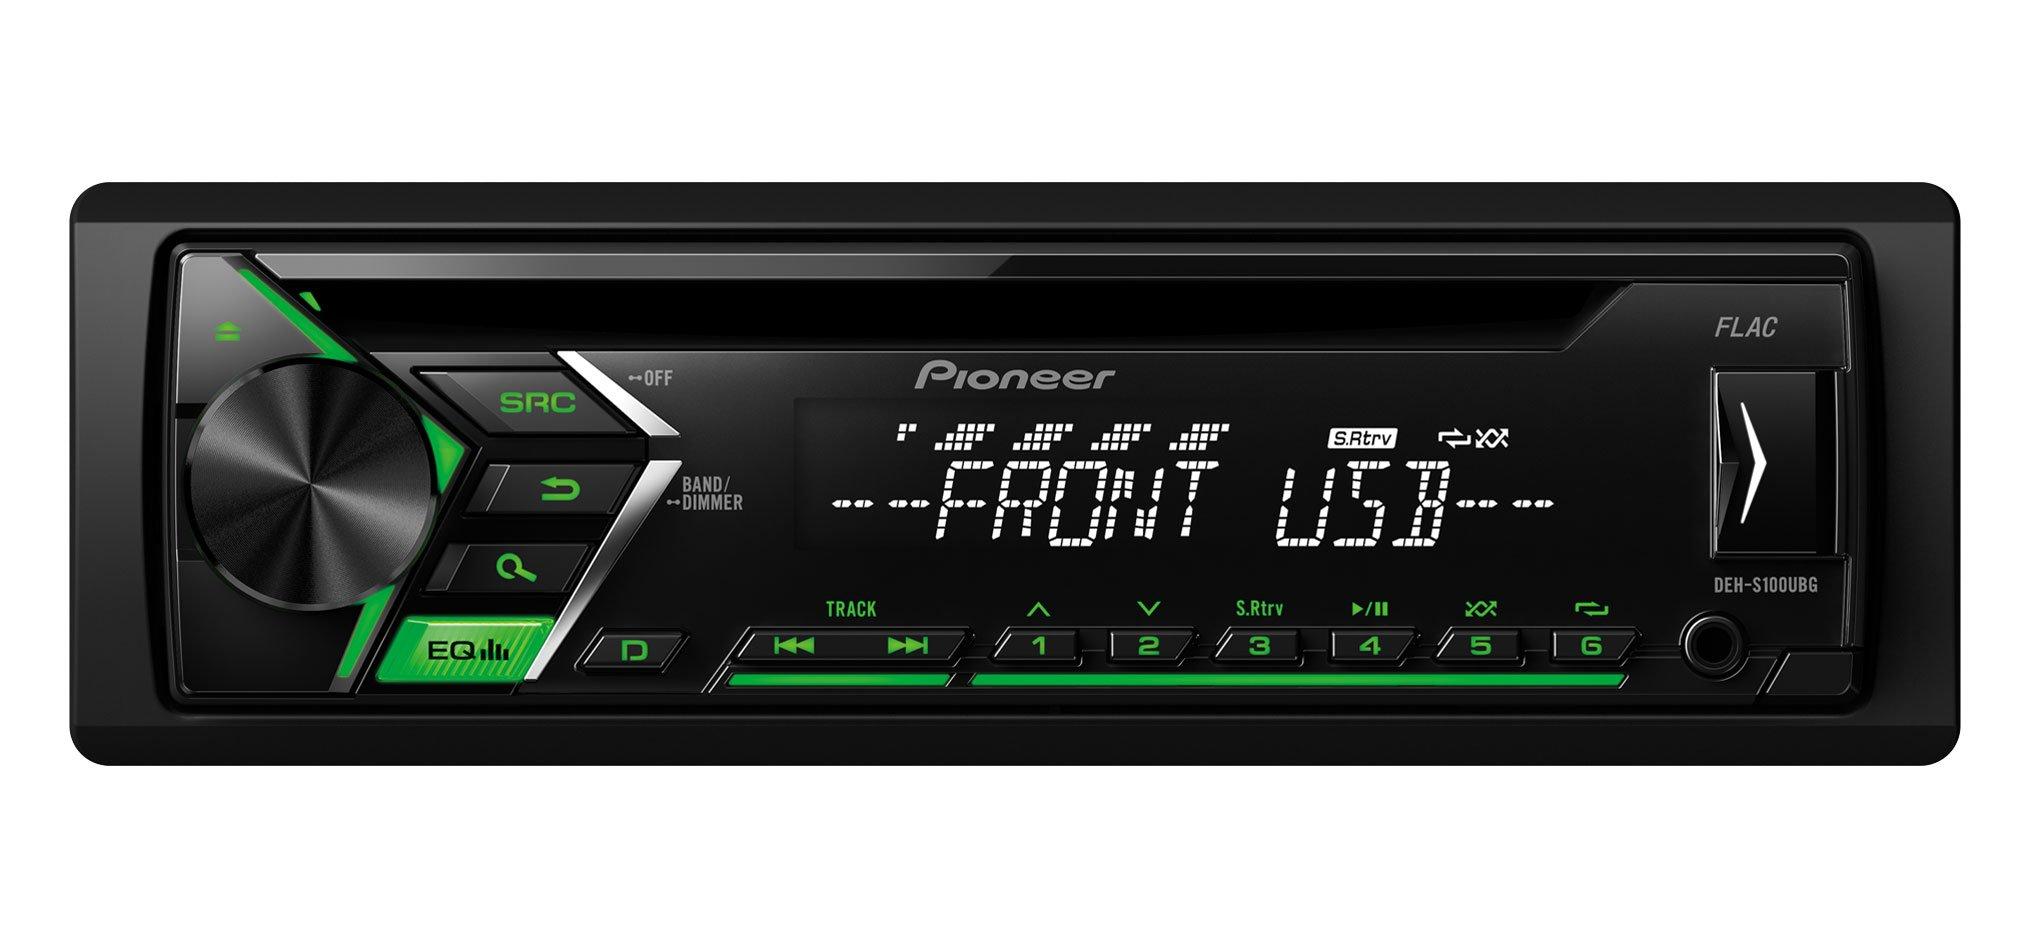 Pioneer-DEH-S100UBG-Autoradio-USB-CD-Receiver-Kfz-Radio-mit-Front-AUX-In-Wiedergabe-von-MP3-WMA-WAV-FLAC-ber-MOS-FET-4X-50W-High-Level-Car-HiFi-schwarz